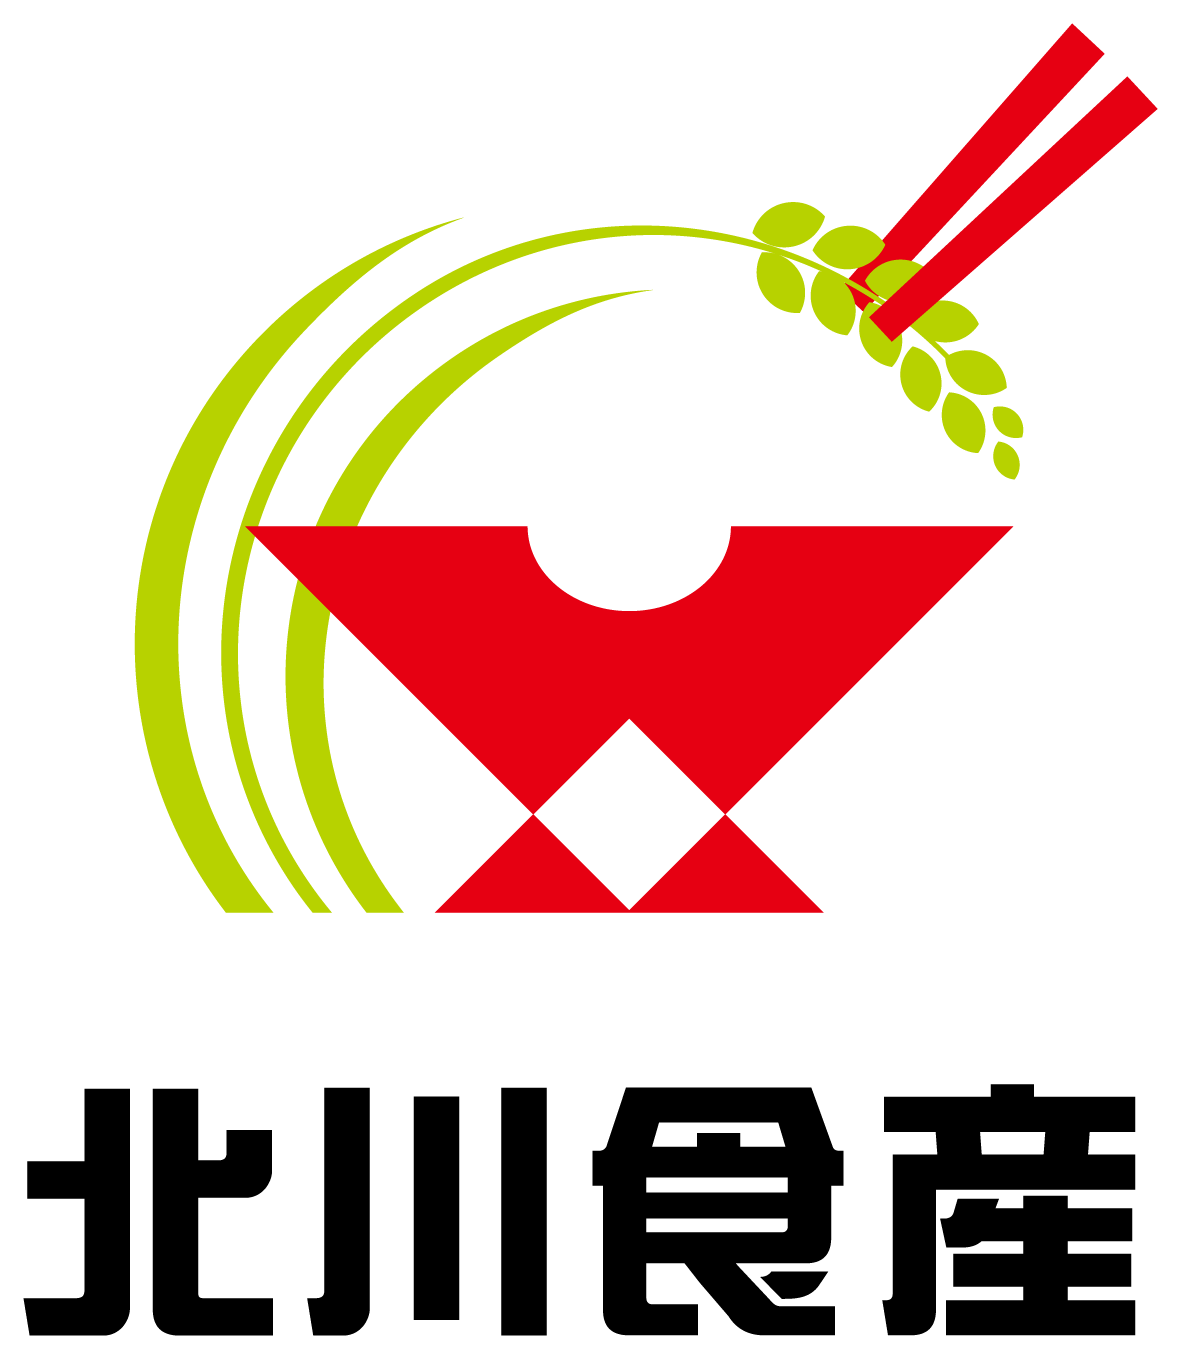 農業/農園/酪農/畜産/水産と親しみ/優しいと赤のロゴ